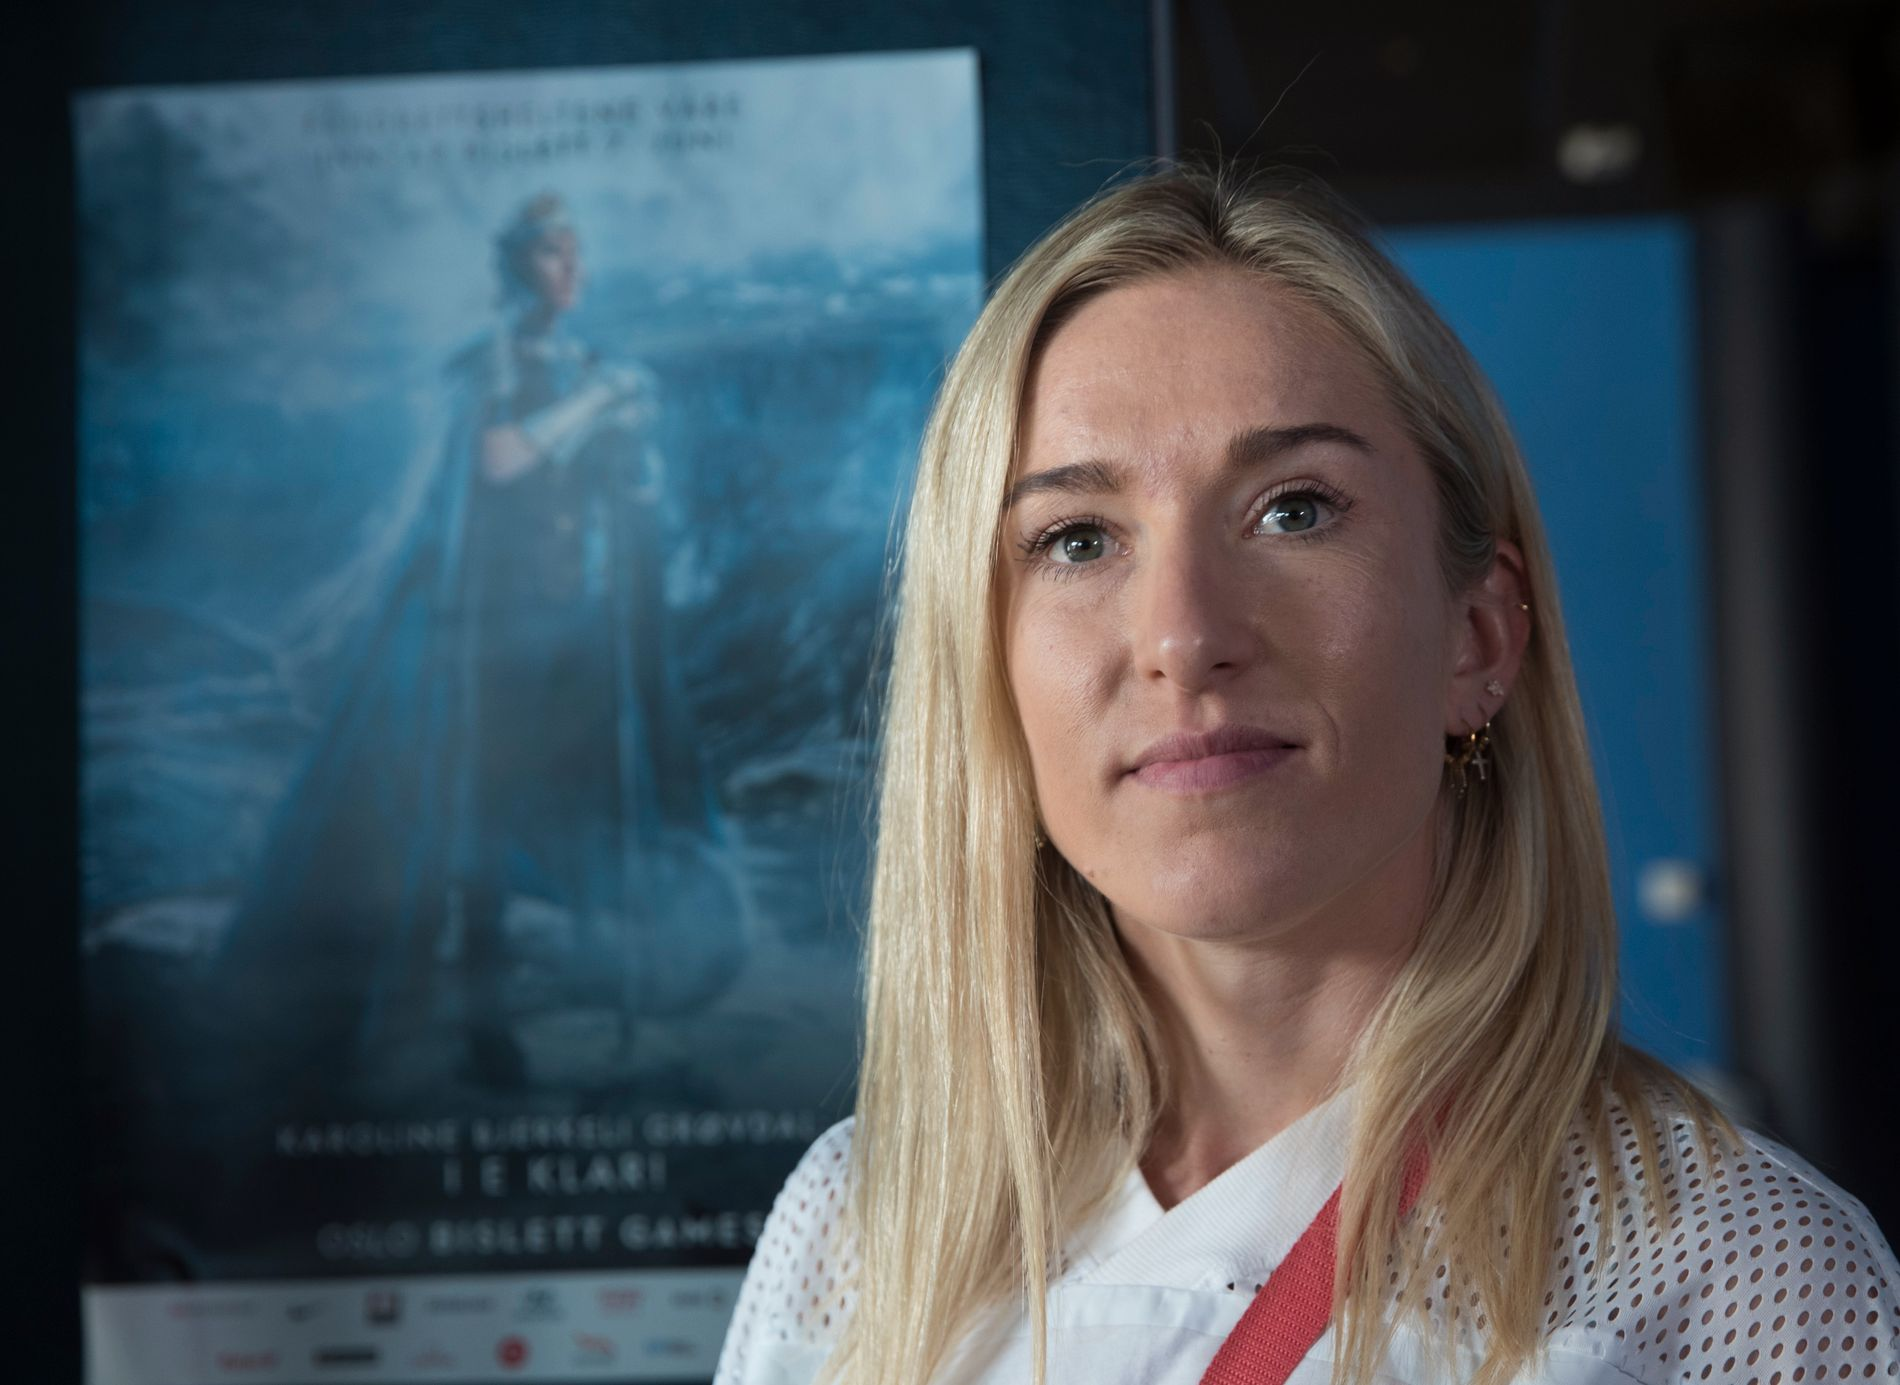 BISLETT-PROFIL: Karoline Bjerkeli Grøvdal, her avbildet på en pressekonferanse denne uken, sesongdebuterer på 3000 meter hinder torsdag kveld.